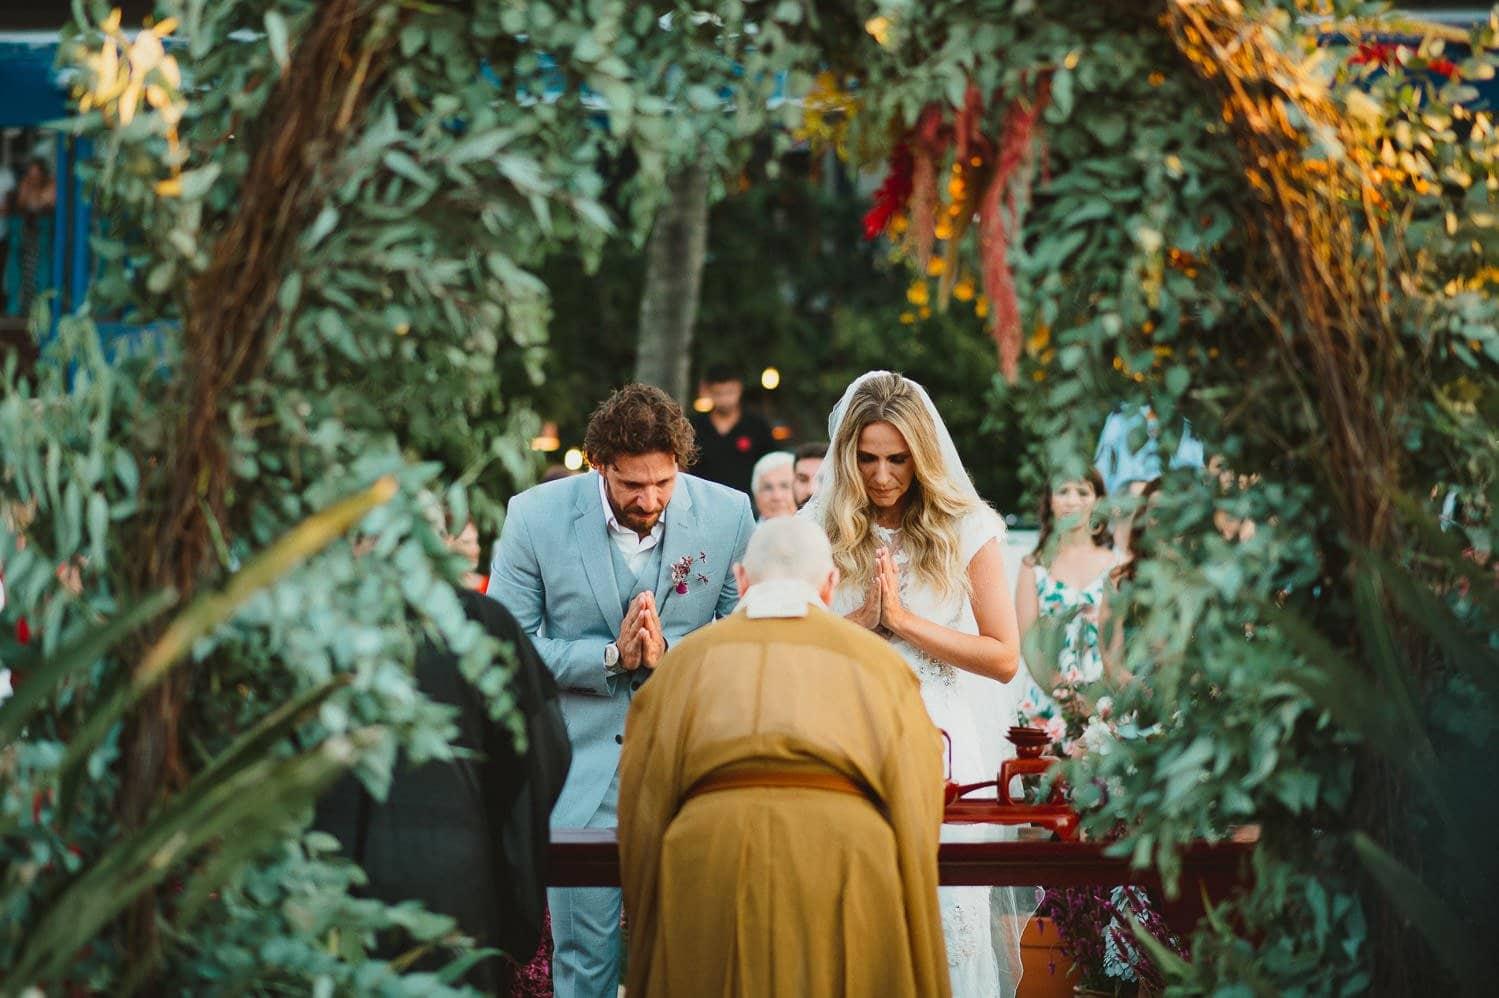 casamento-ilhabela-24 Casamento Ilhabela - Fazenda São Mathias - Virginia e José